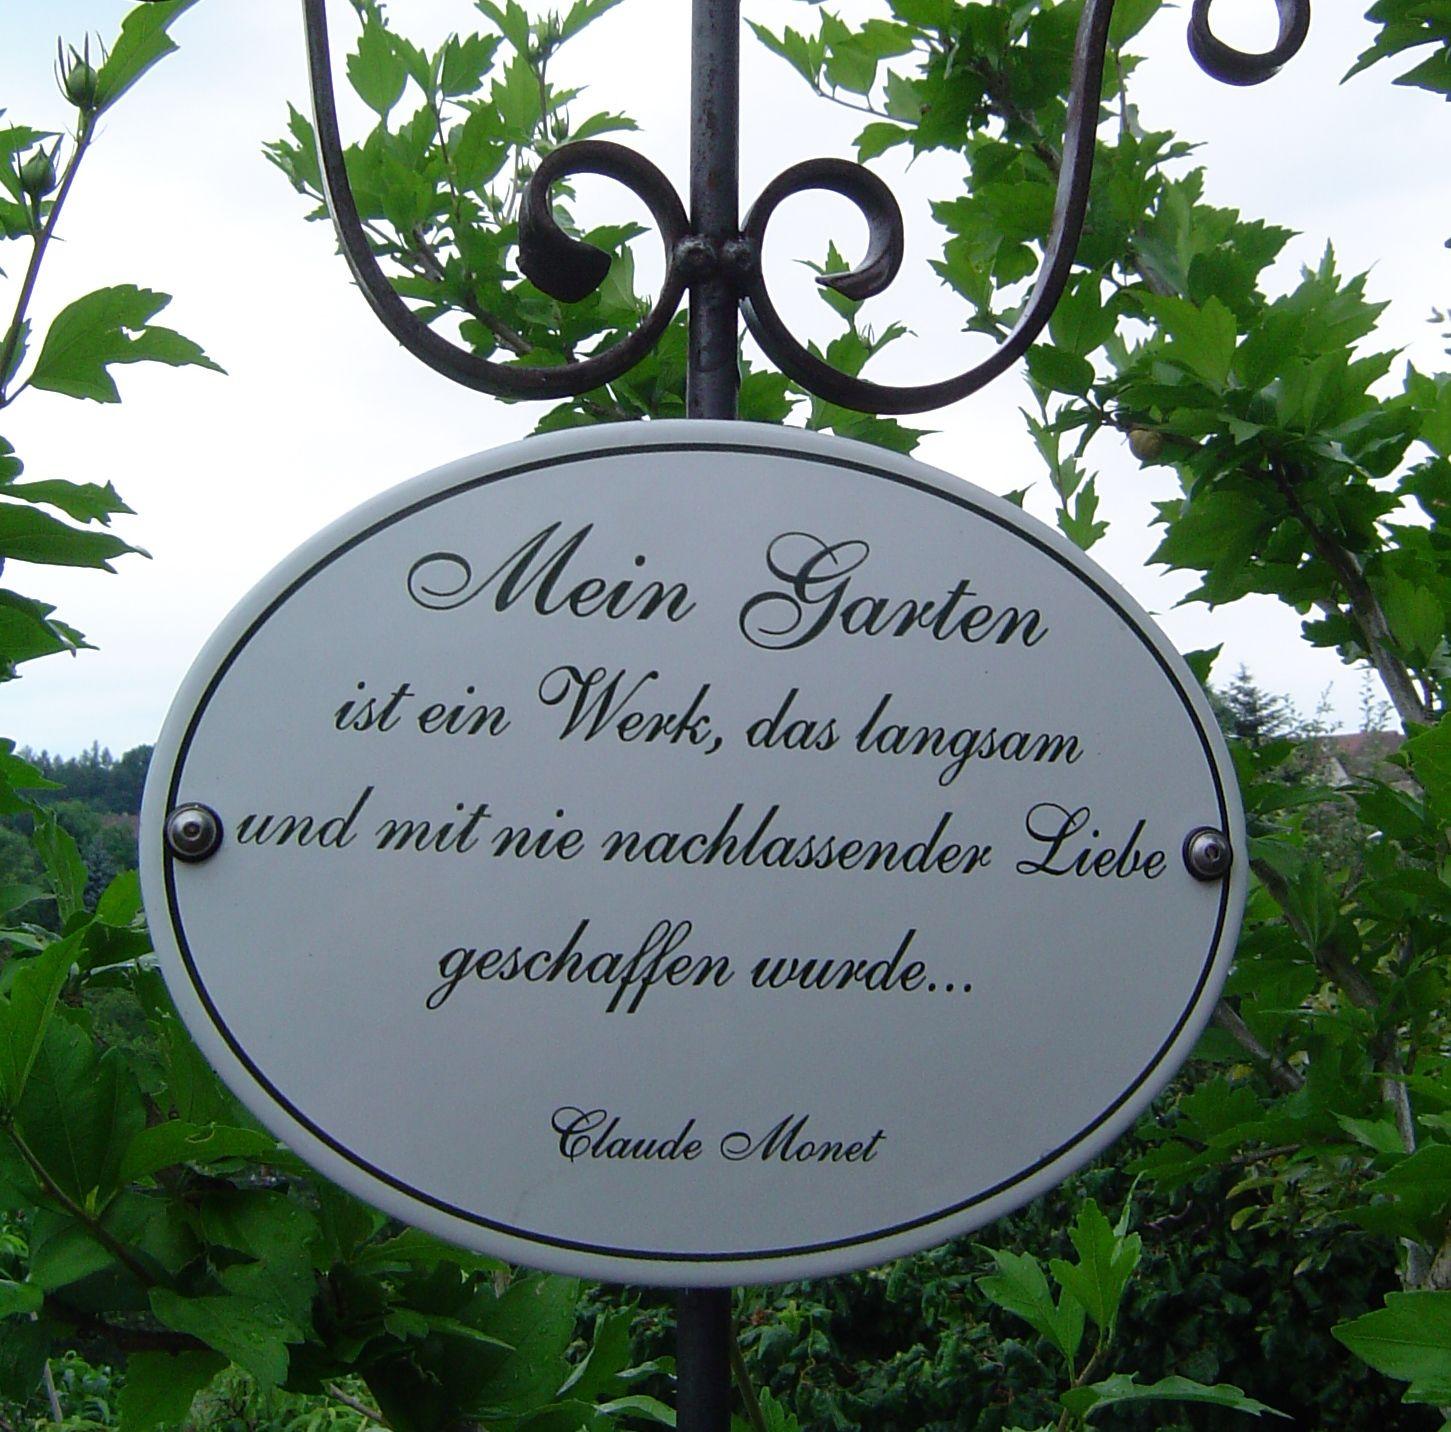 sprüche für den garten Kunst im Garten   mit dem klassischen MoSpruch als dauerhafte  sprüche für den garten